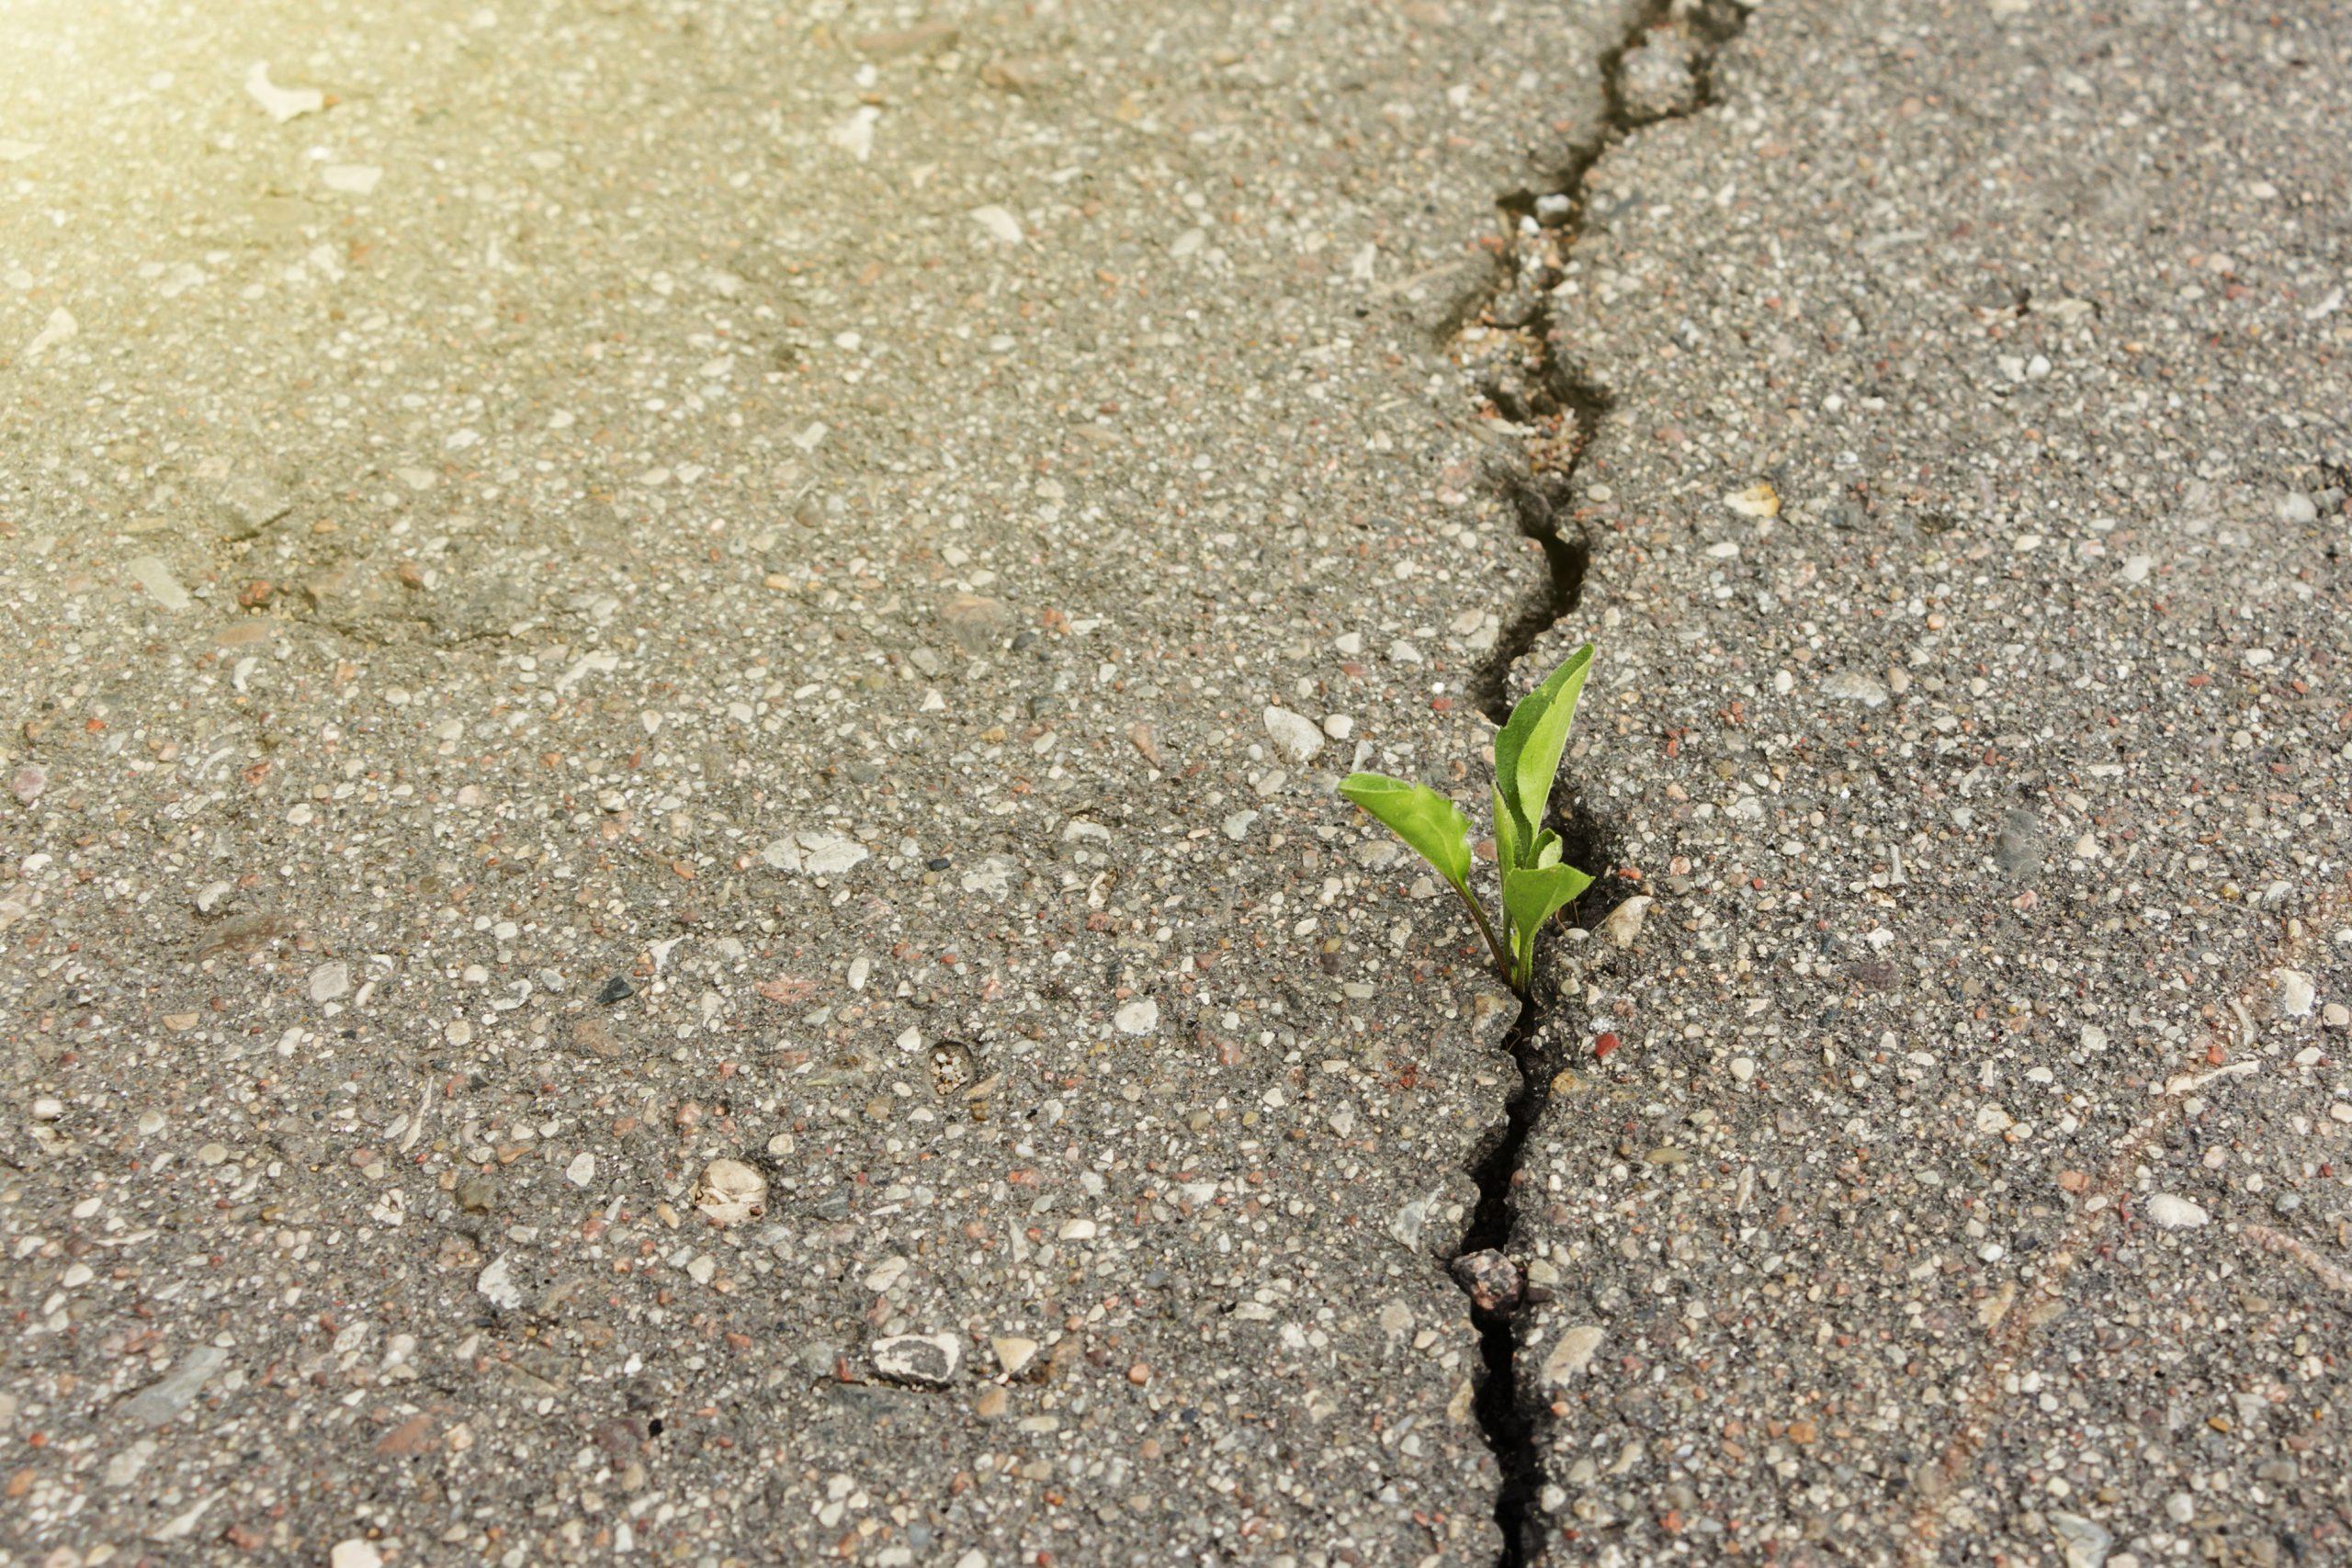 asphalt crack in springtime